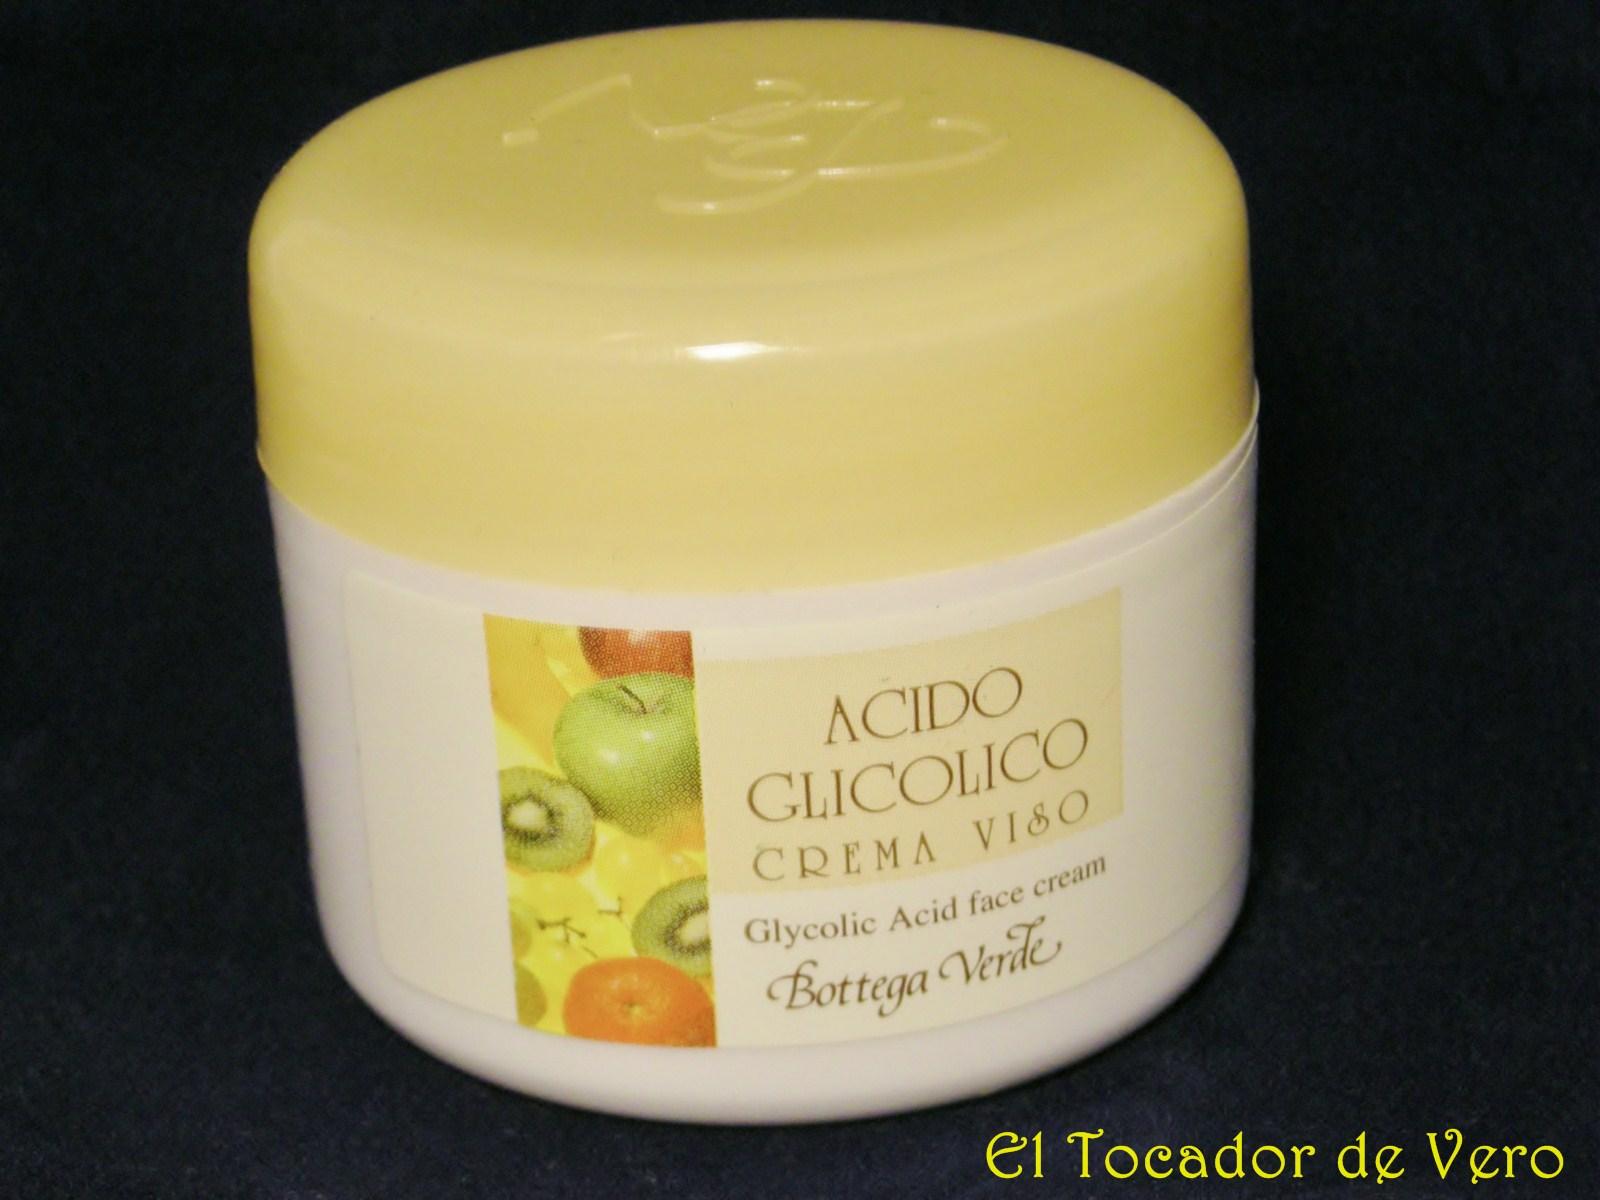 Bioderma la crema de las manchas de pigmento